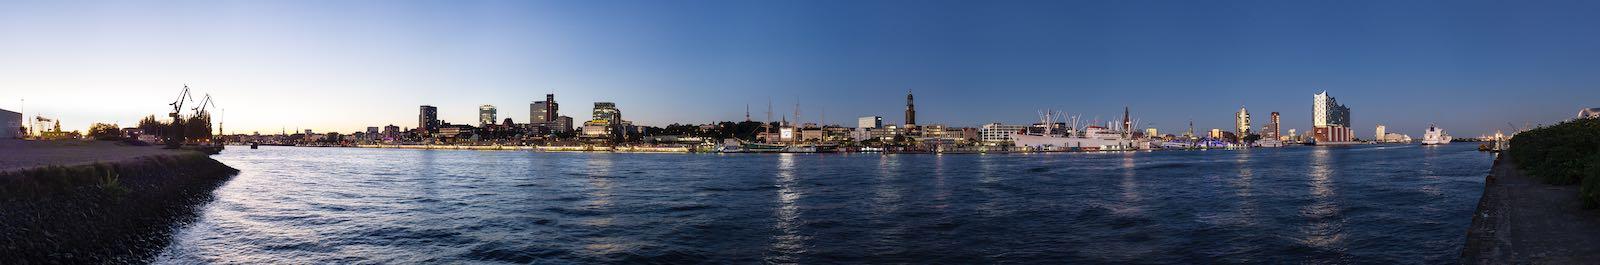 Panorama des Hamburger Hafens in der blauen Stunde